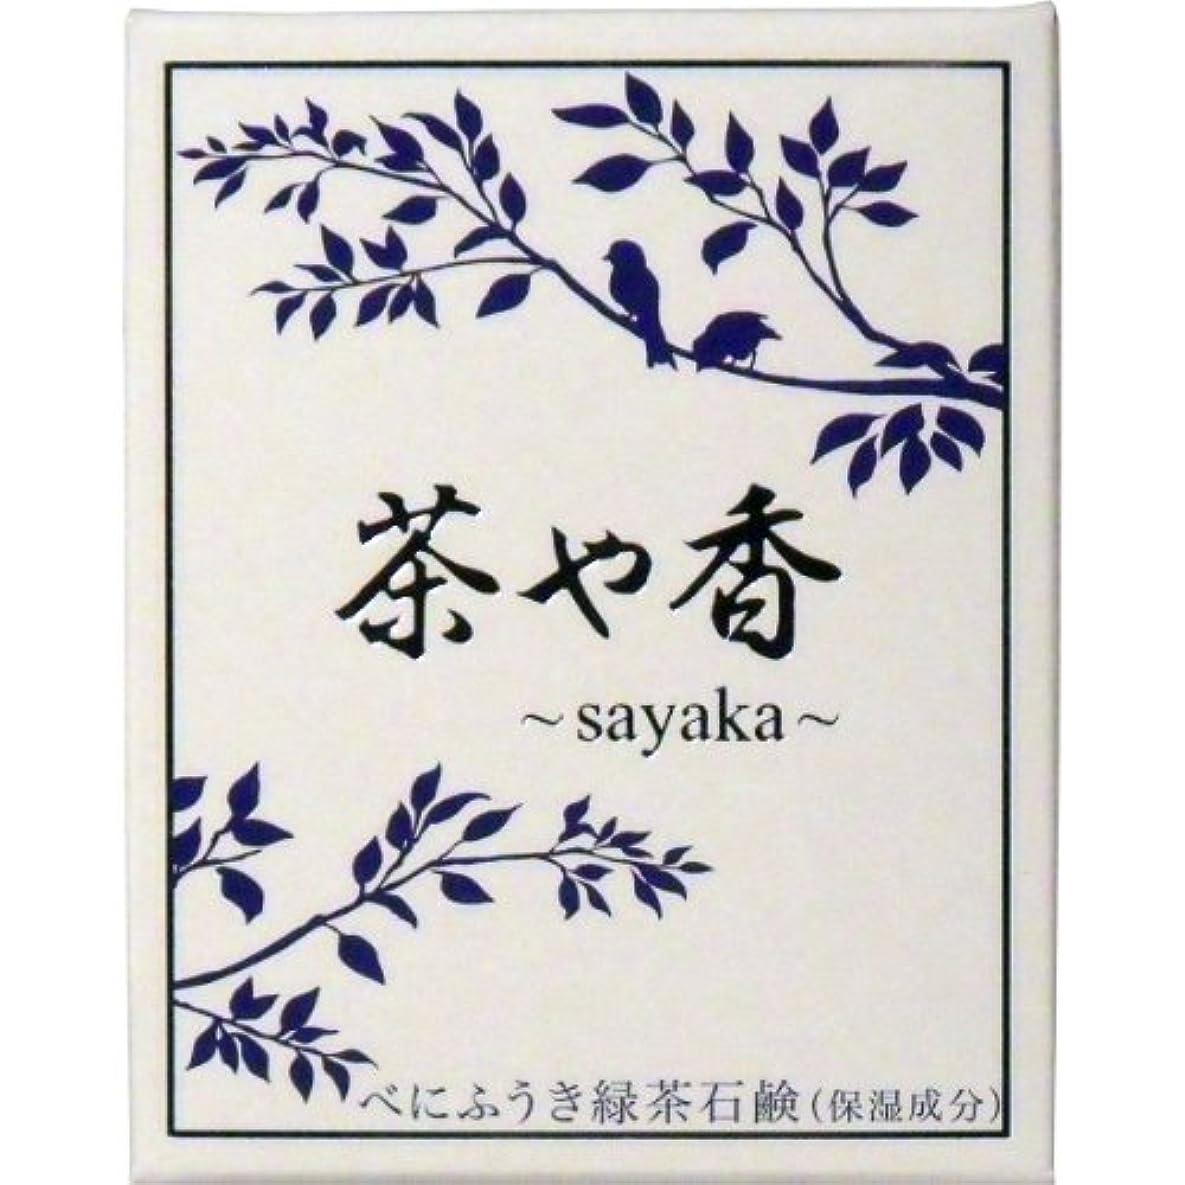 歴史ライセンス縮れた茶や香 -sayaka- べにふうき緑茶石鹸 100g入 ×3個セット